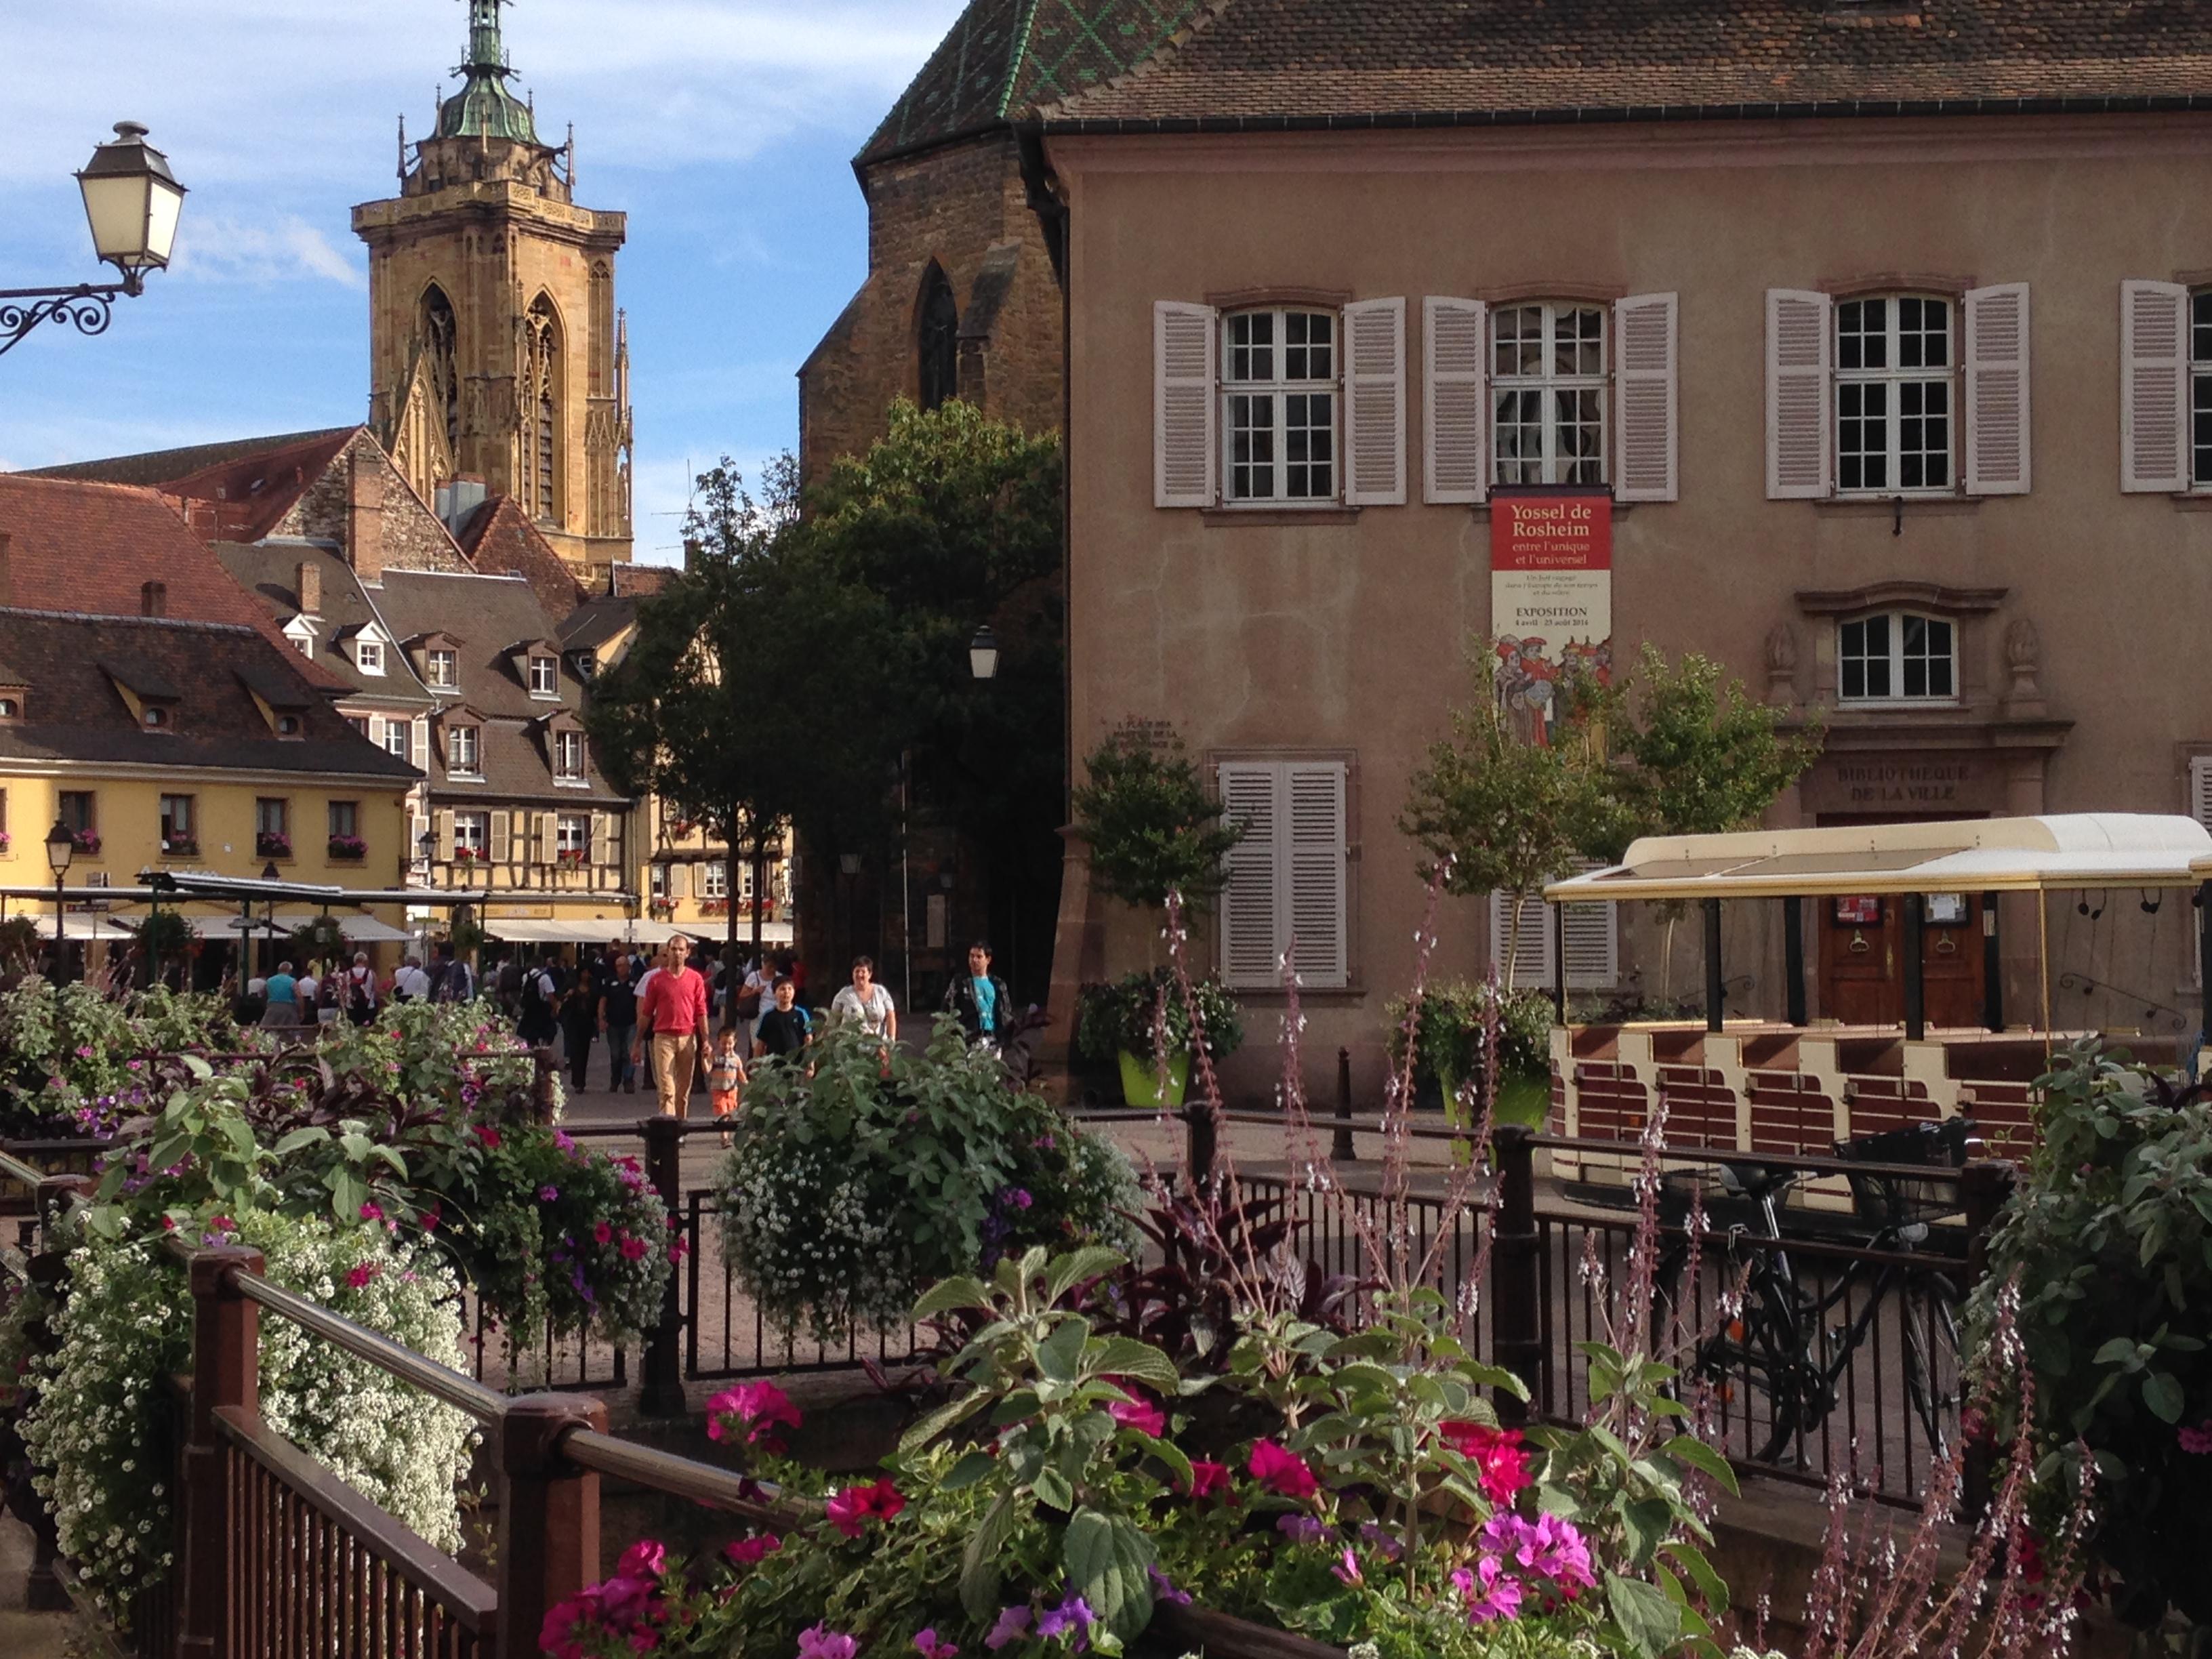 アルザス地方のフランスで最も美しい村、ワイン街道をレンタカーでゆく